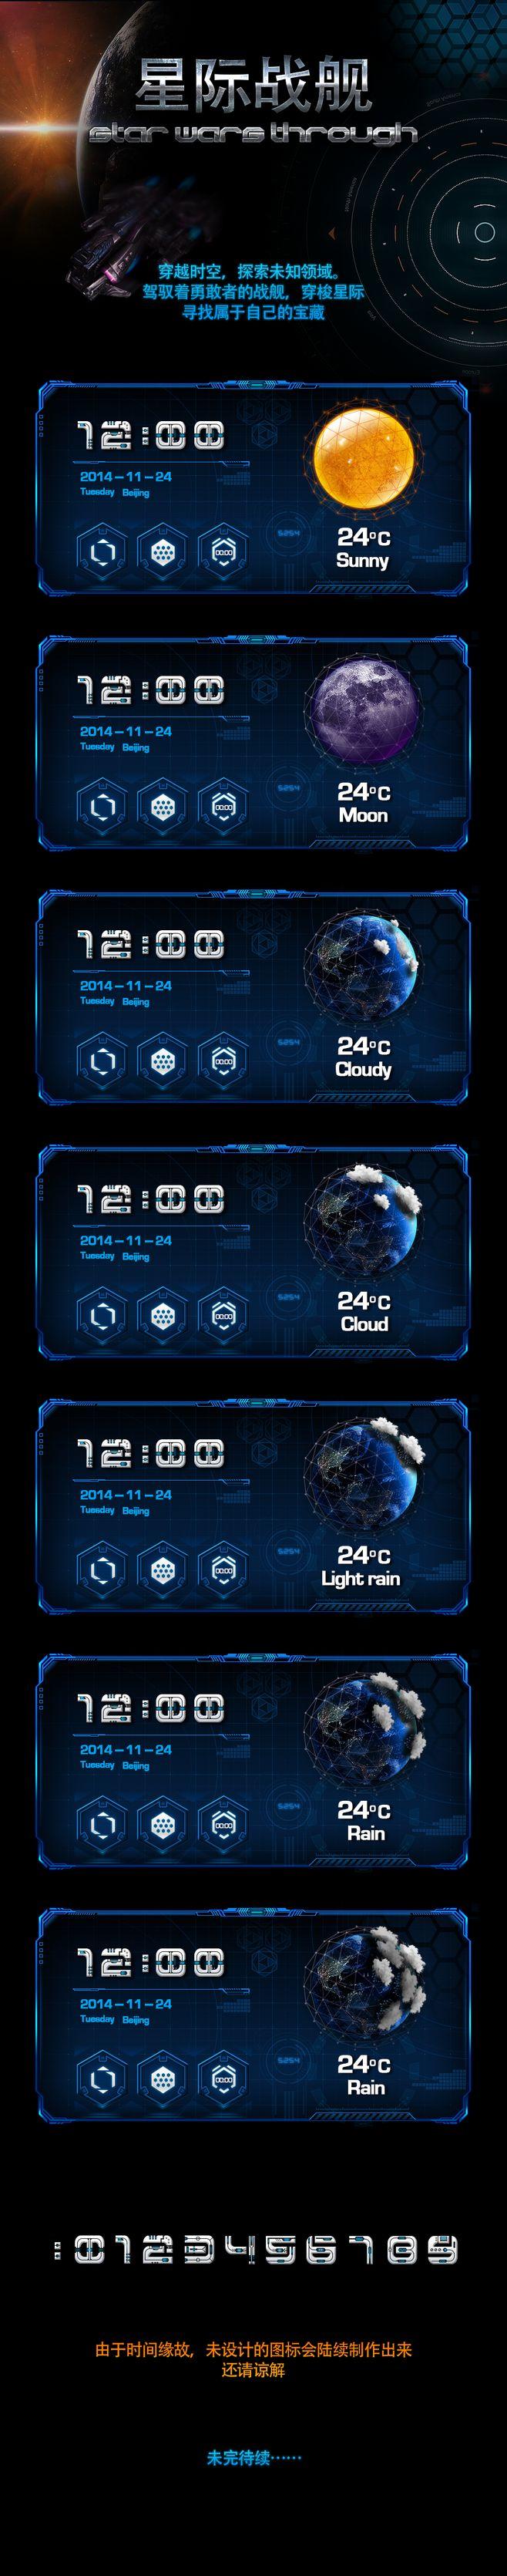 原创作品:星际战舰 @Ferdi_Kwok采集到GAMEUI_科幻风(35图)_花瓣UI/UX